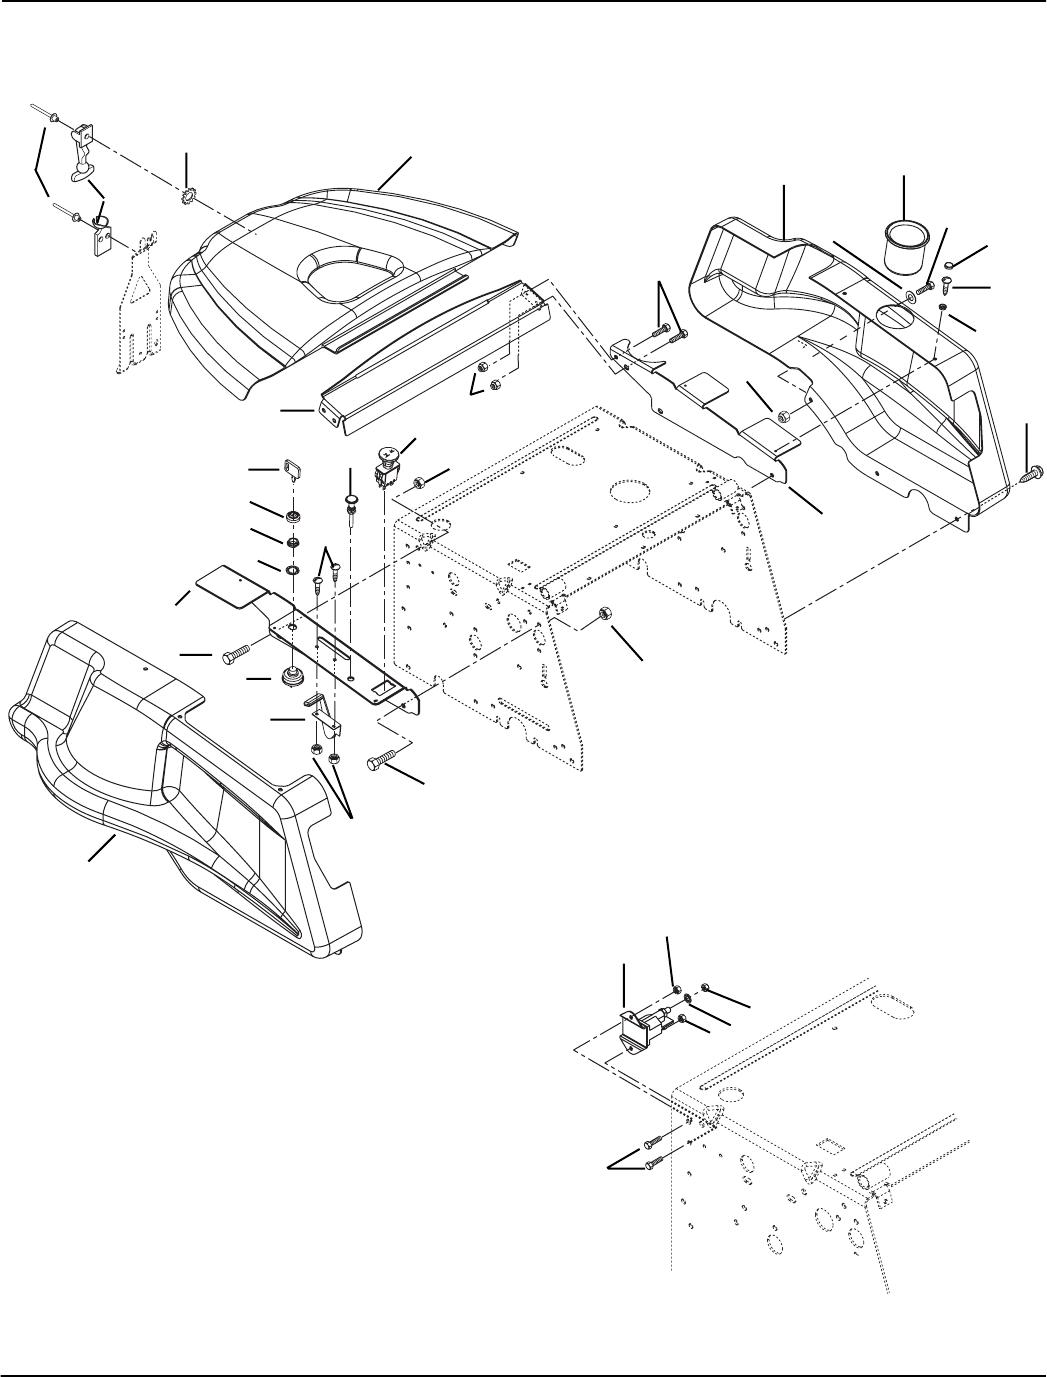 Ariens 915013 EZR 1742 Zero Turn Mower User Manual To The